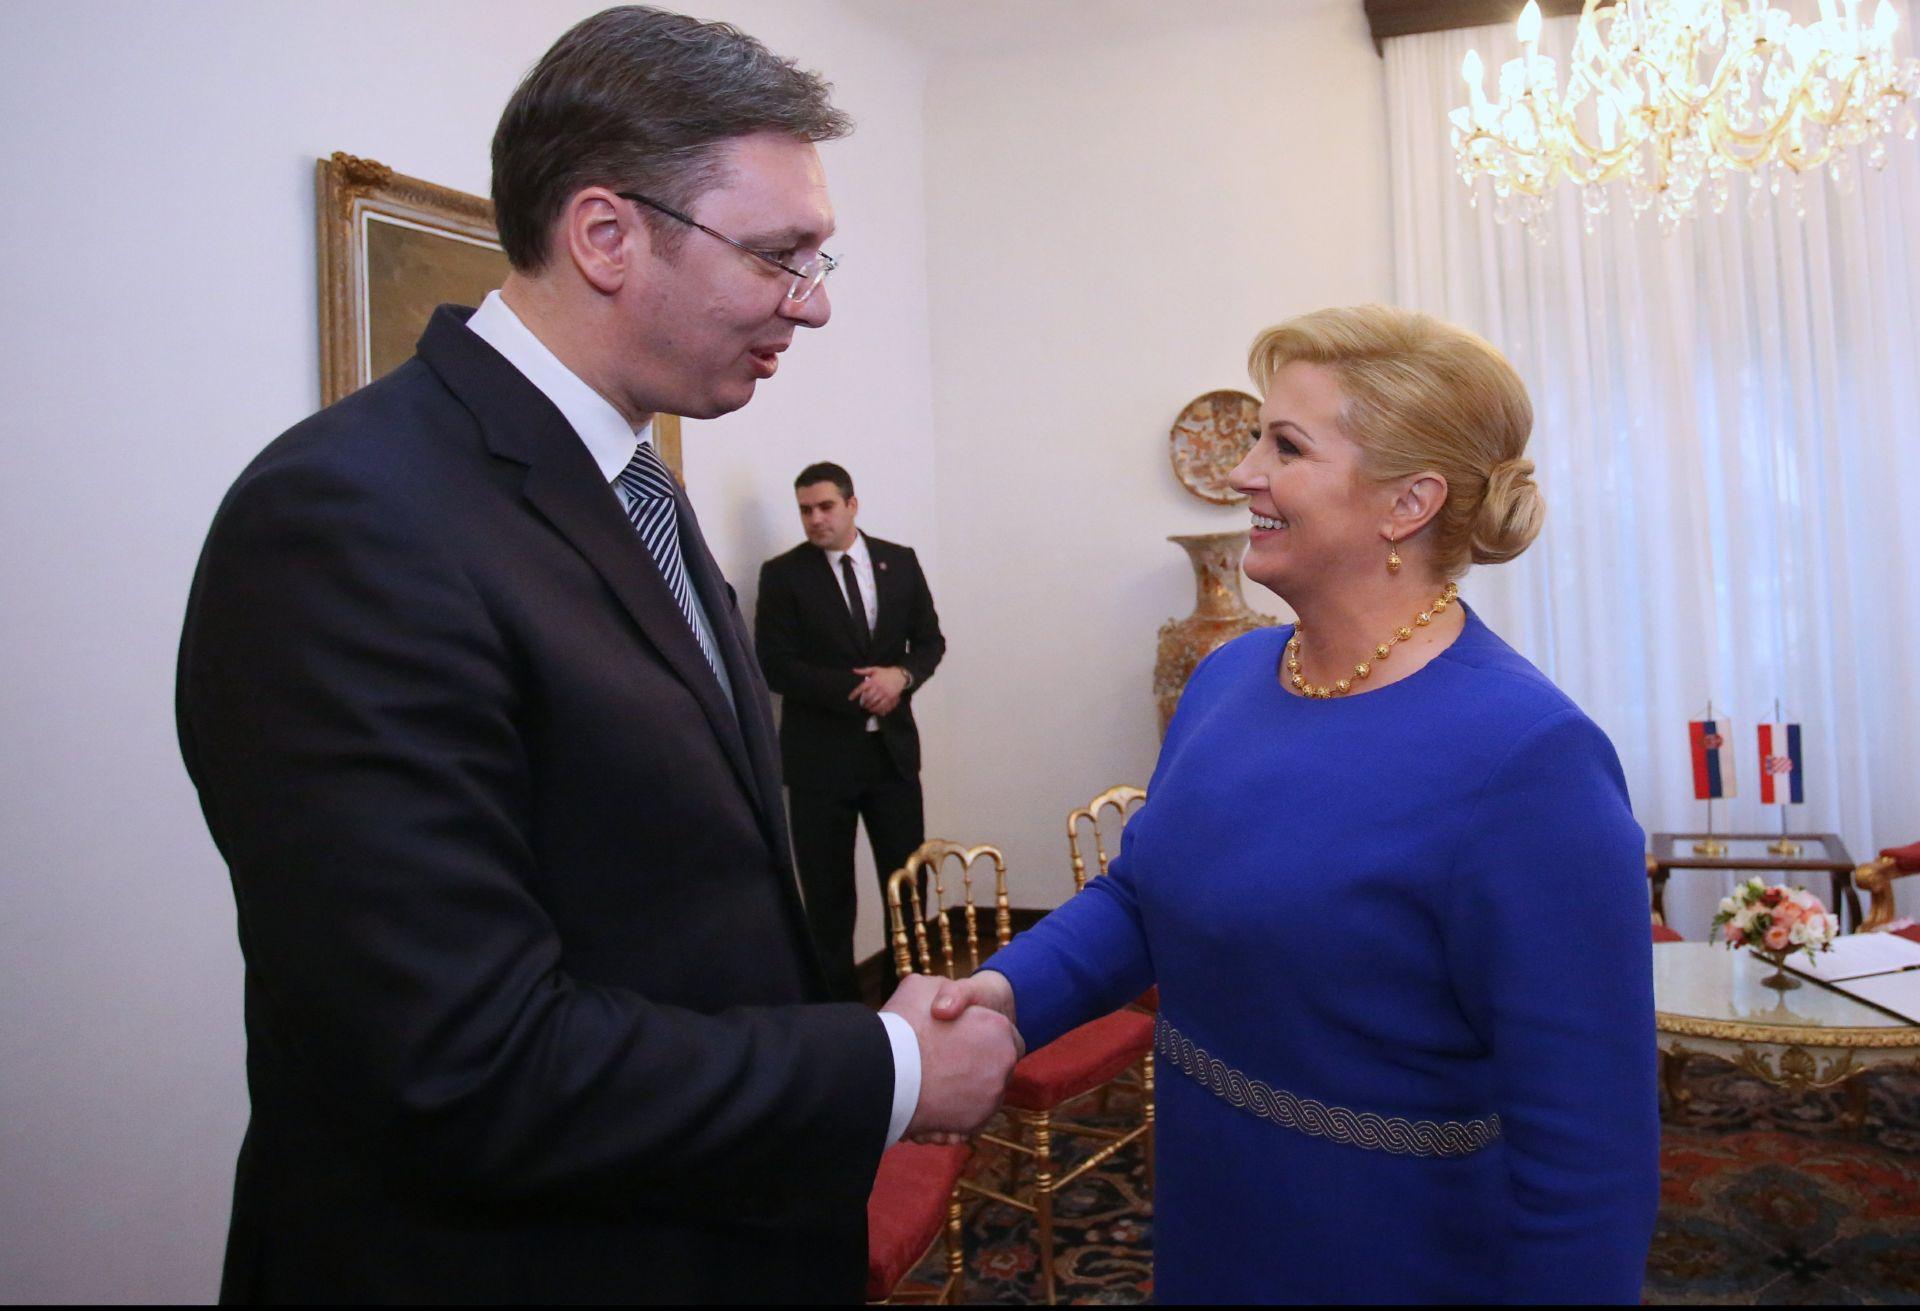 NAKON SRBIJE: Hrvatska u 'čokoladnom sporu' i sa Slovenijom